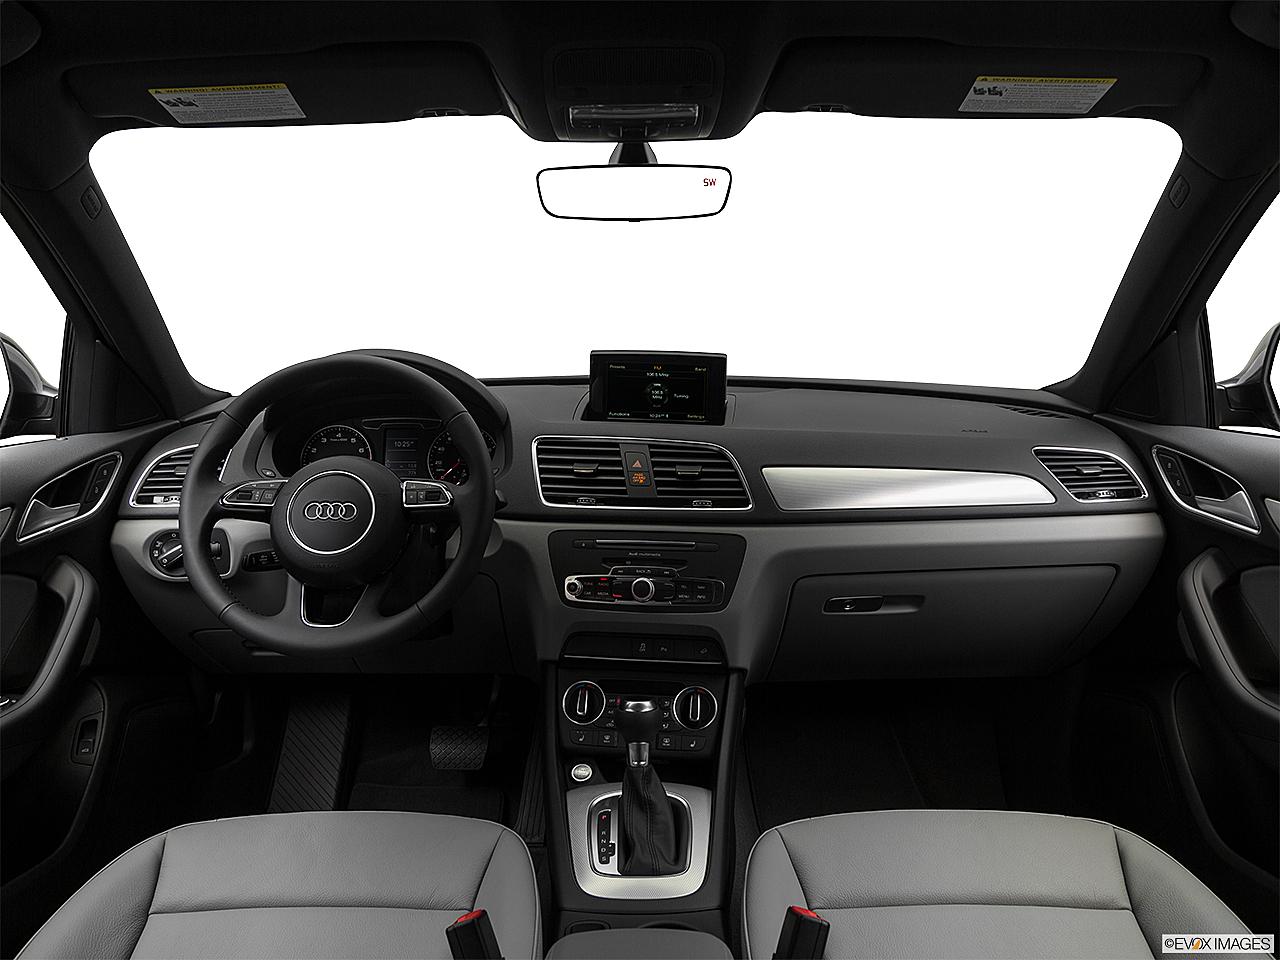 2018 Audi Q3 Premium 2 0 Tfsi Centered Wide Dash Shot